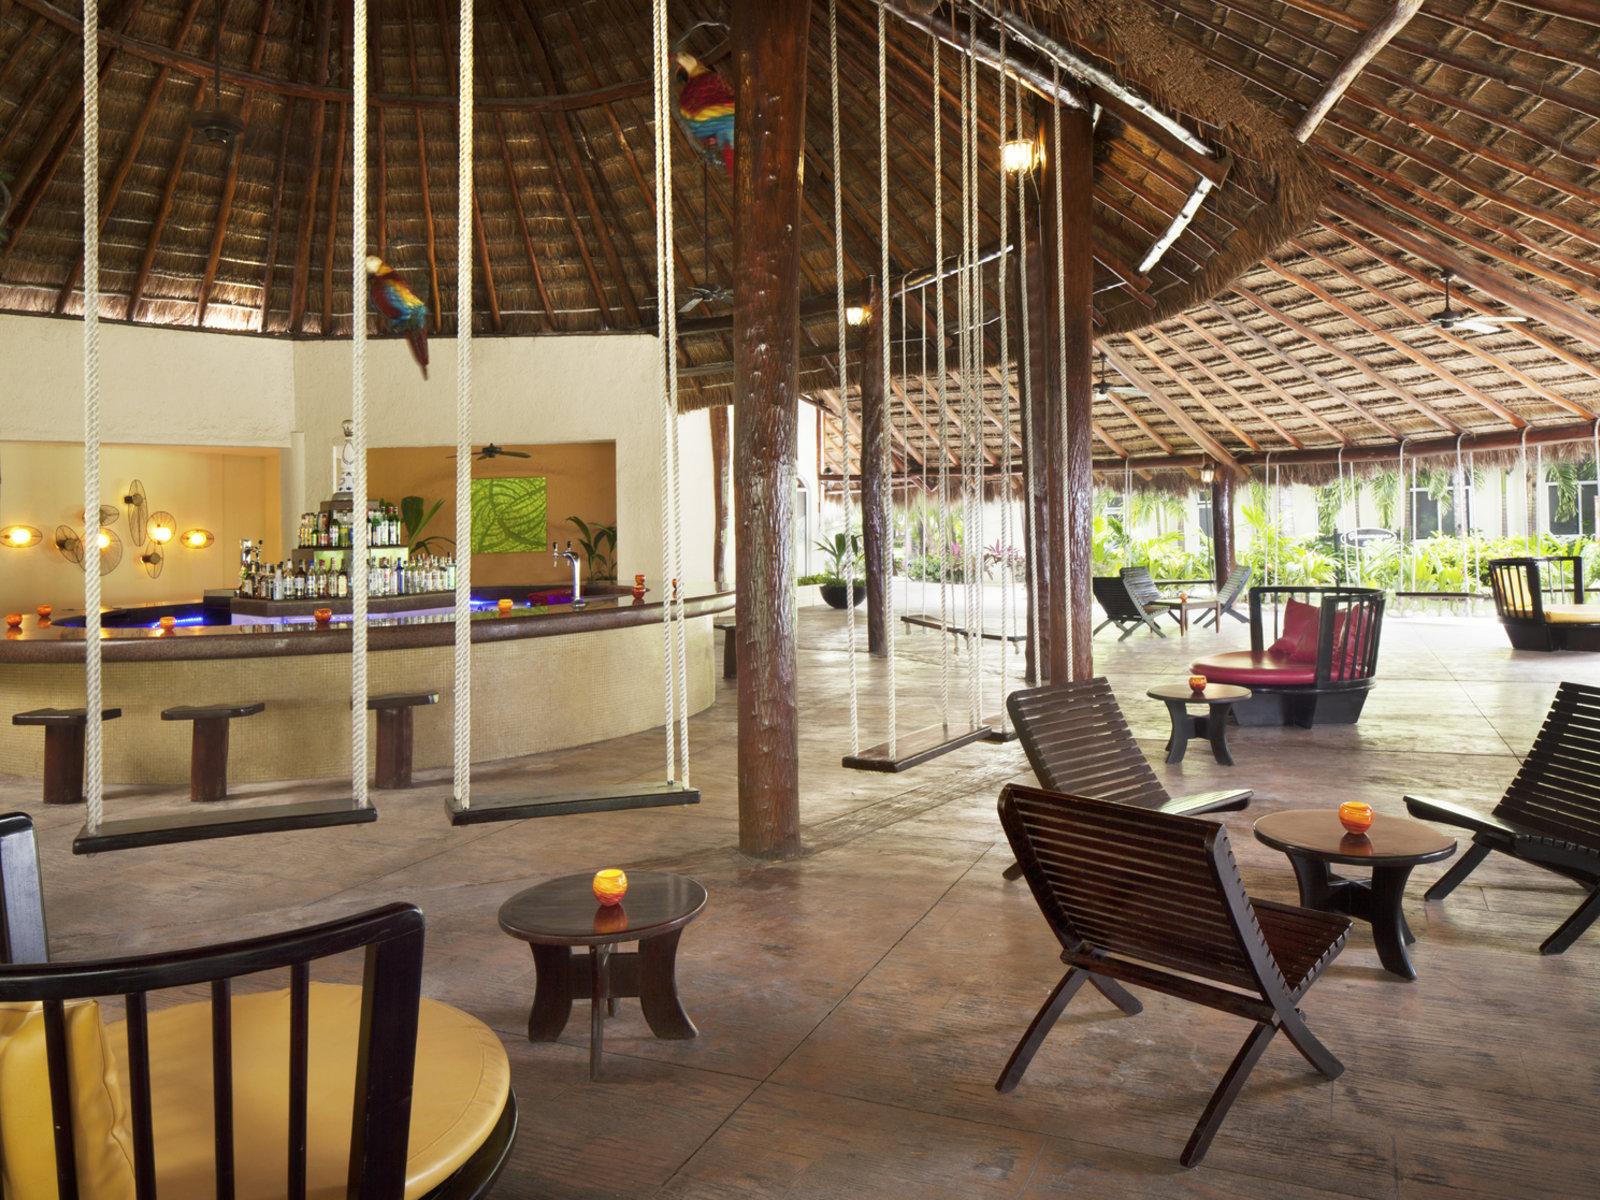 Bar Las Guacamayas